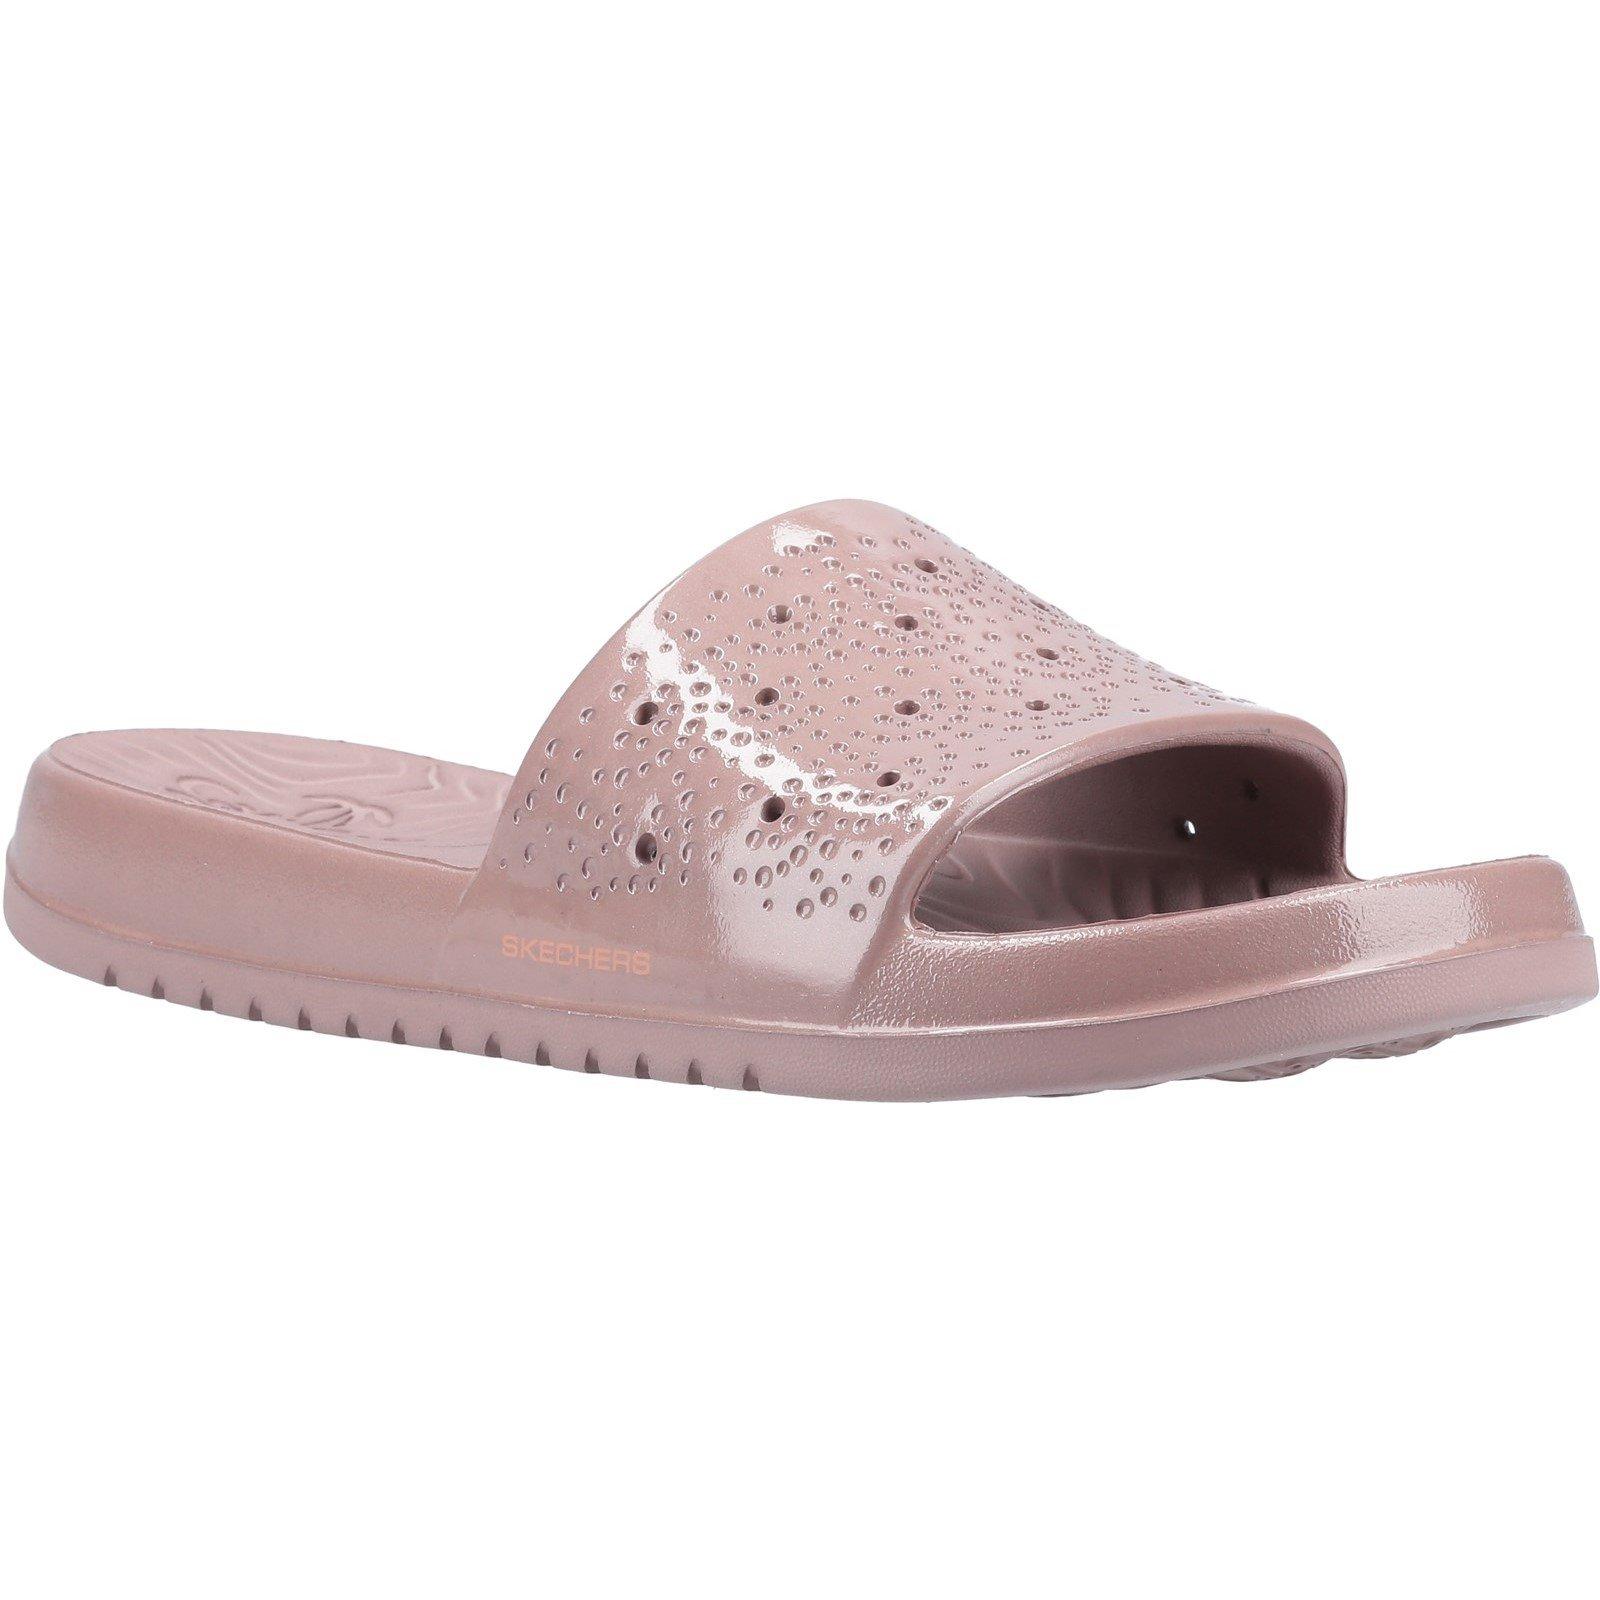 Skechers Women's Gleam Sizzling Slide Sandal Rose Gold 32373 - Rose Gold 3